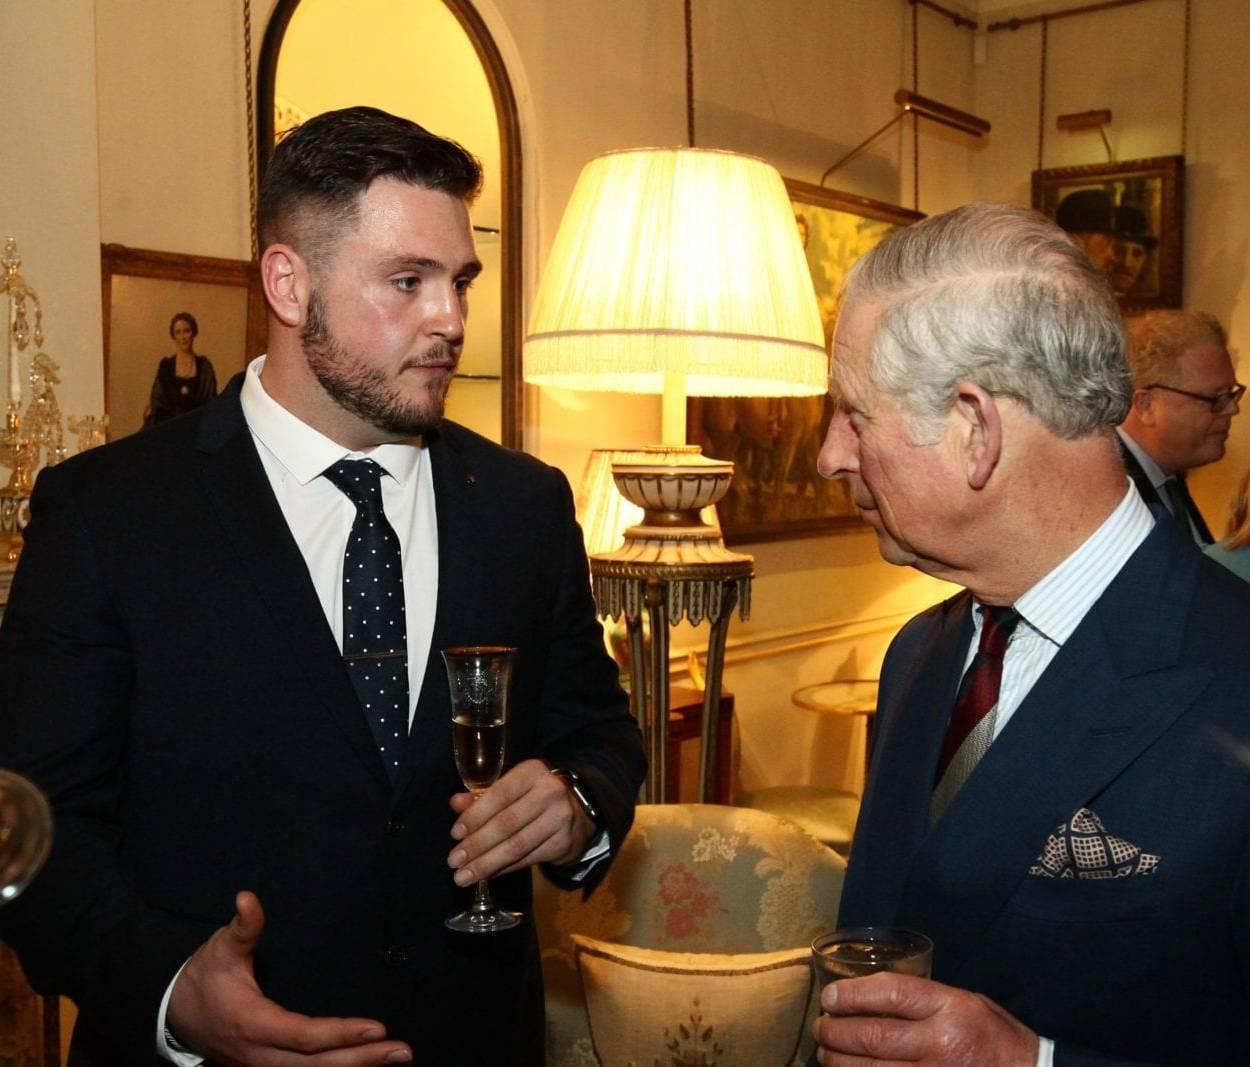 Luke Ambler meeting Prince Charles